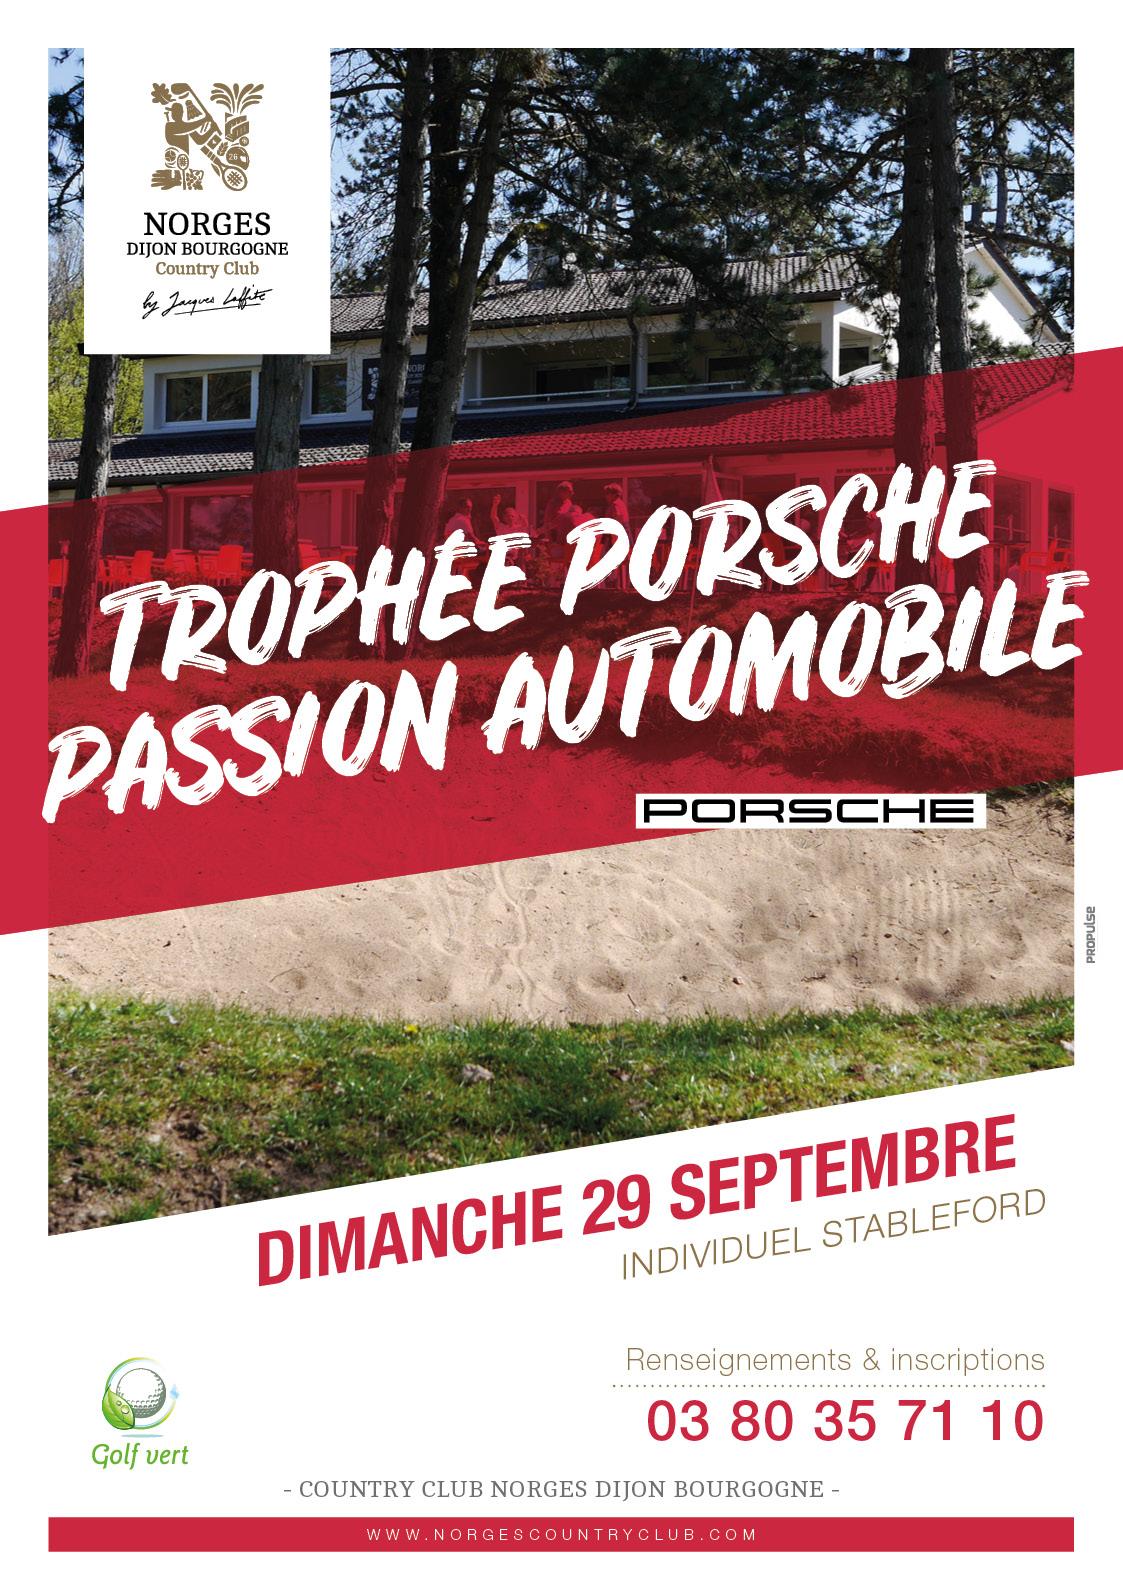 Trophée Porsche Passion Automobile